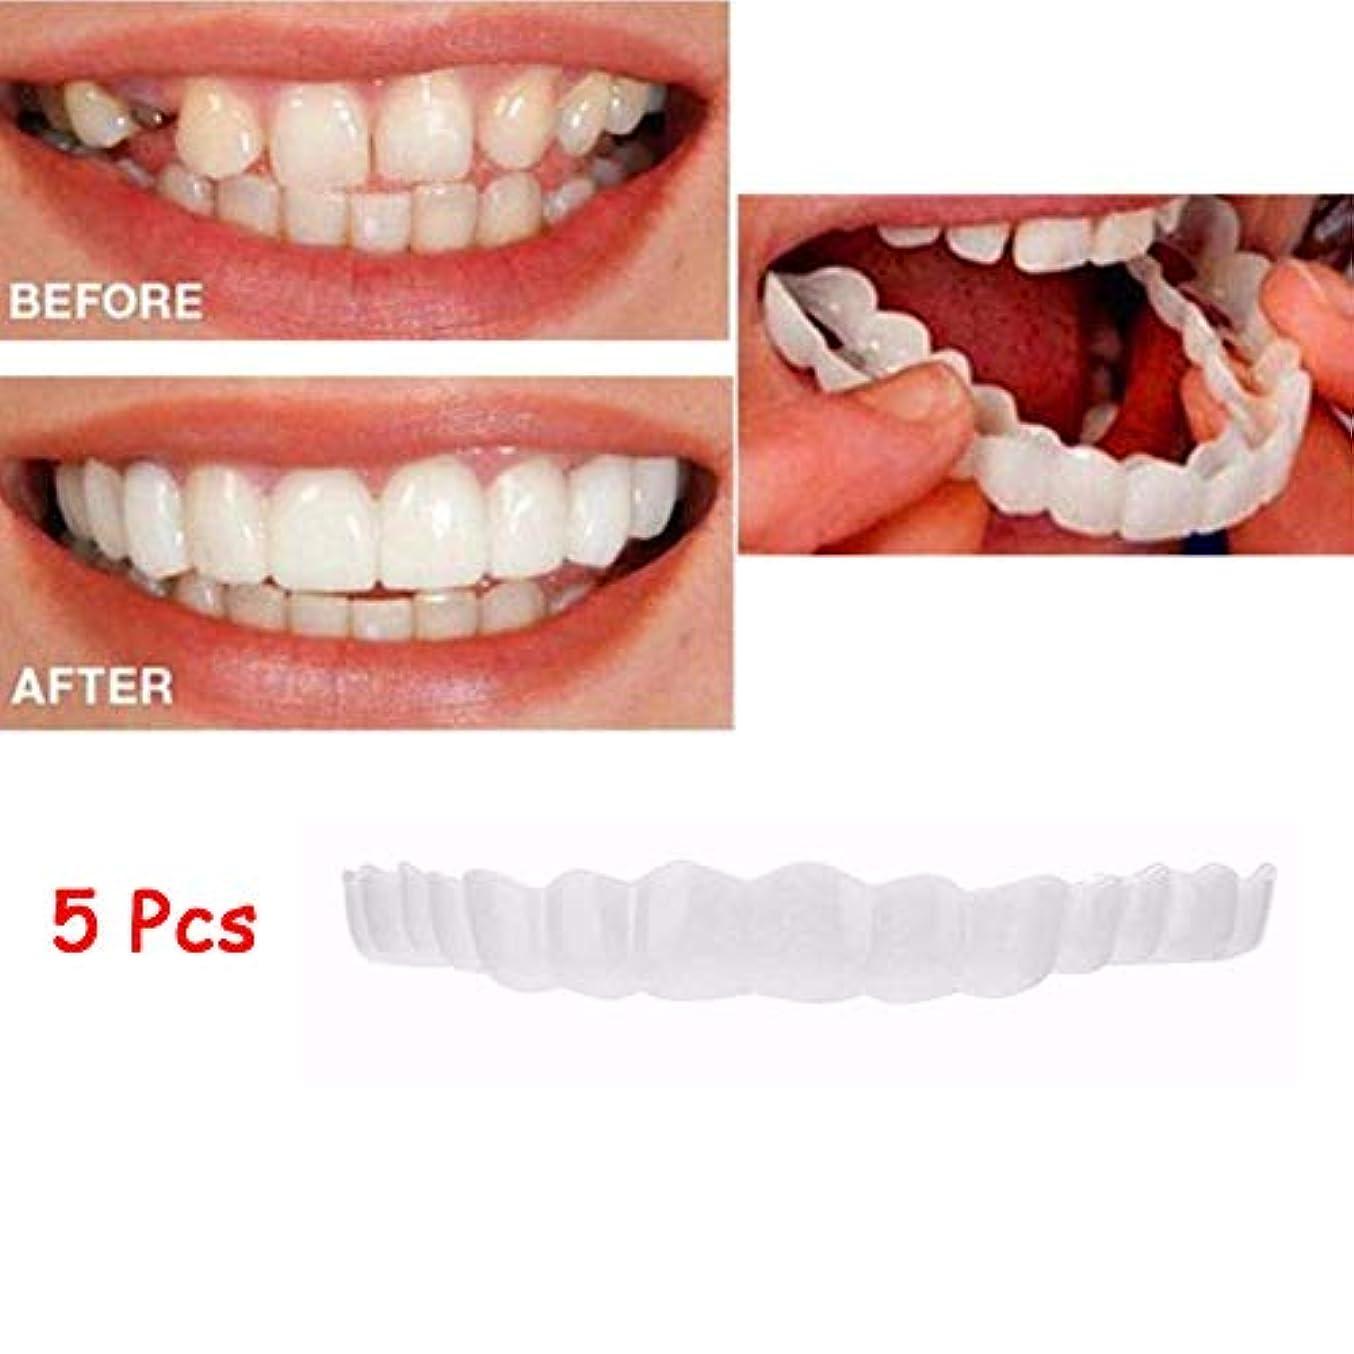 民間とんでもない振り向く5本突き板、化粧品の歯 - 一時的な笑顔の快適さフィットフレックス化粧品の歯ワンサイズは最も快適な歯のベニーにフィット